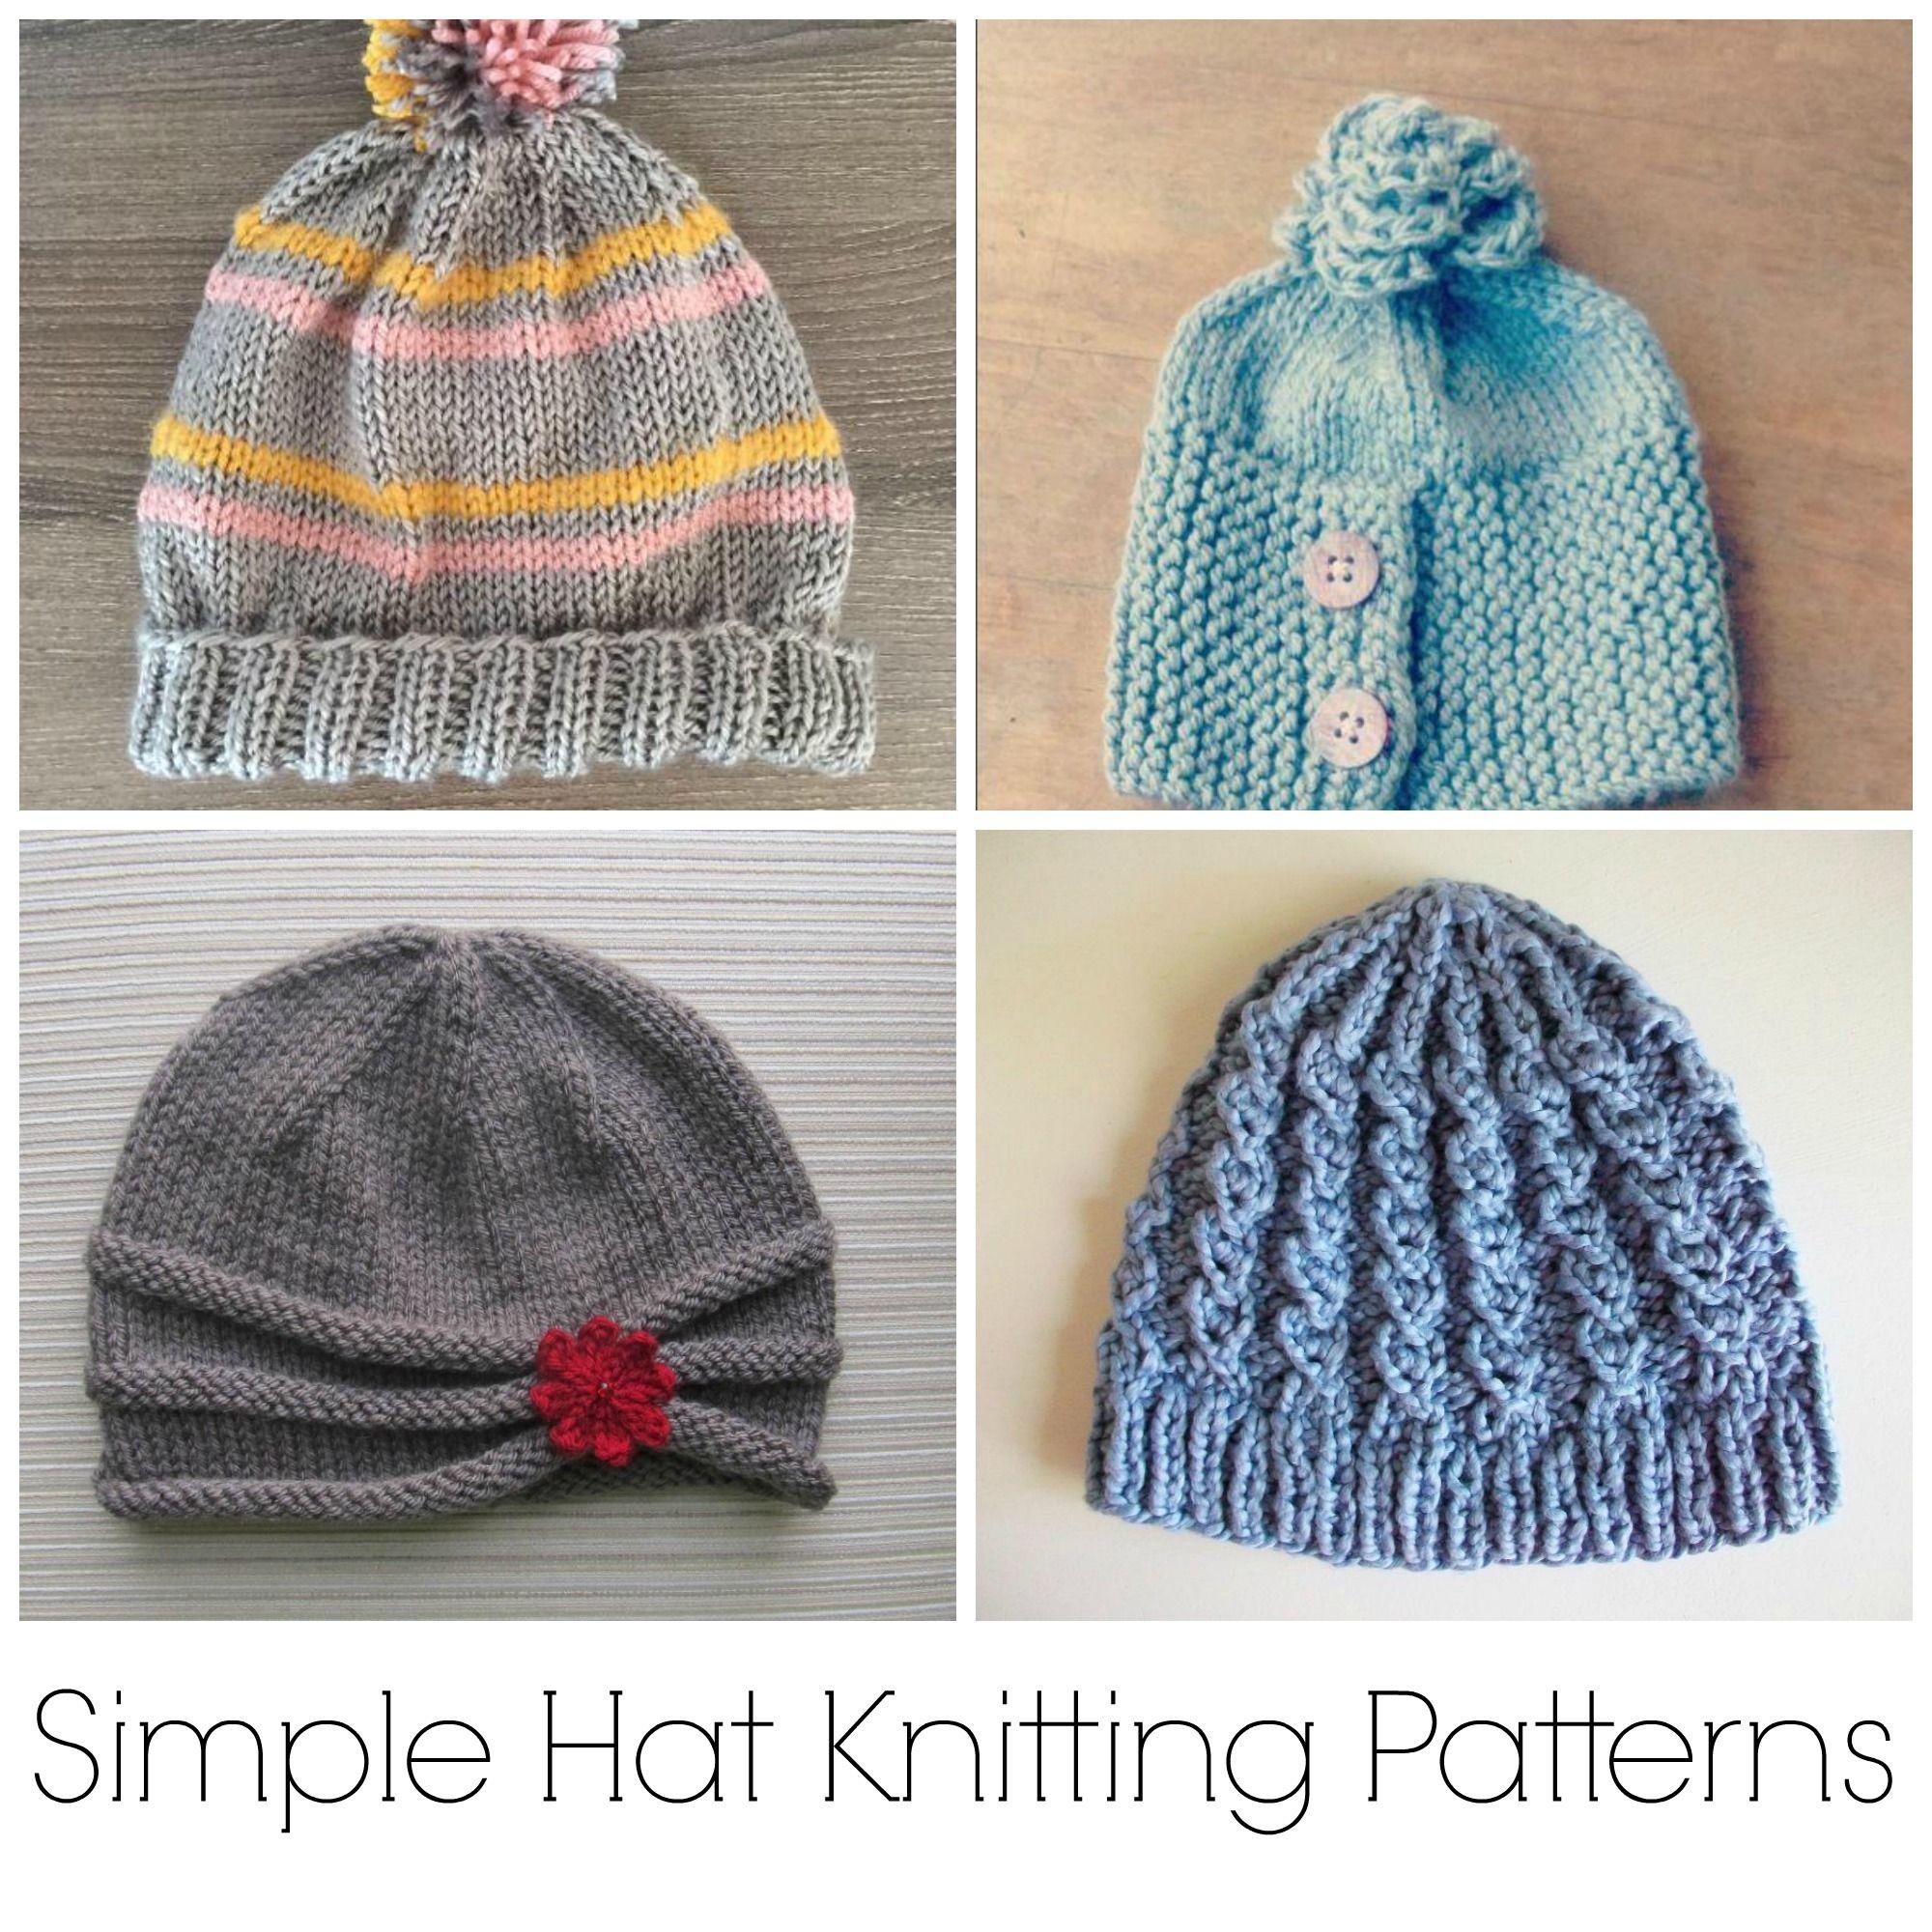 10 No-Fuss, Simple Hat Knitting Patterns | Gorros para dama, Gorros ...